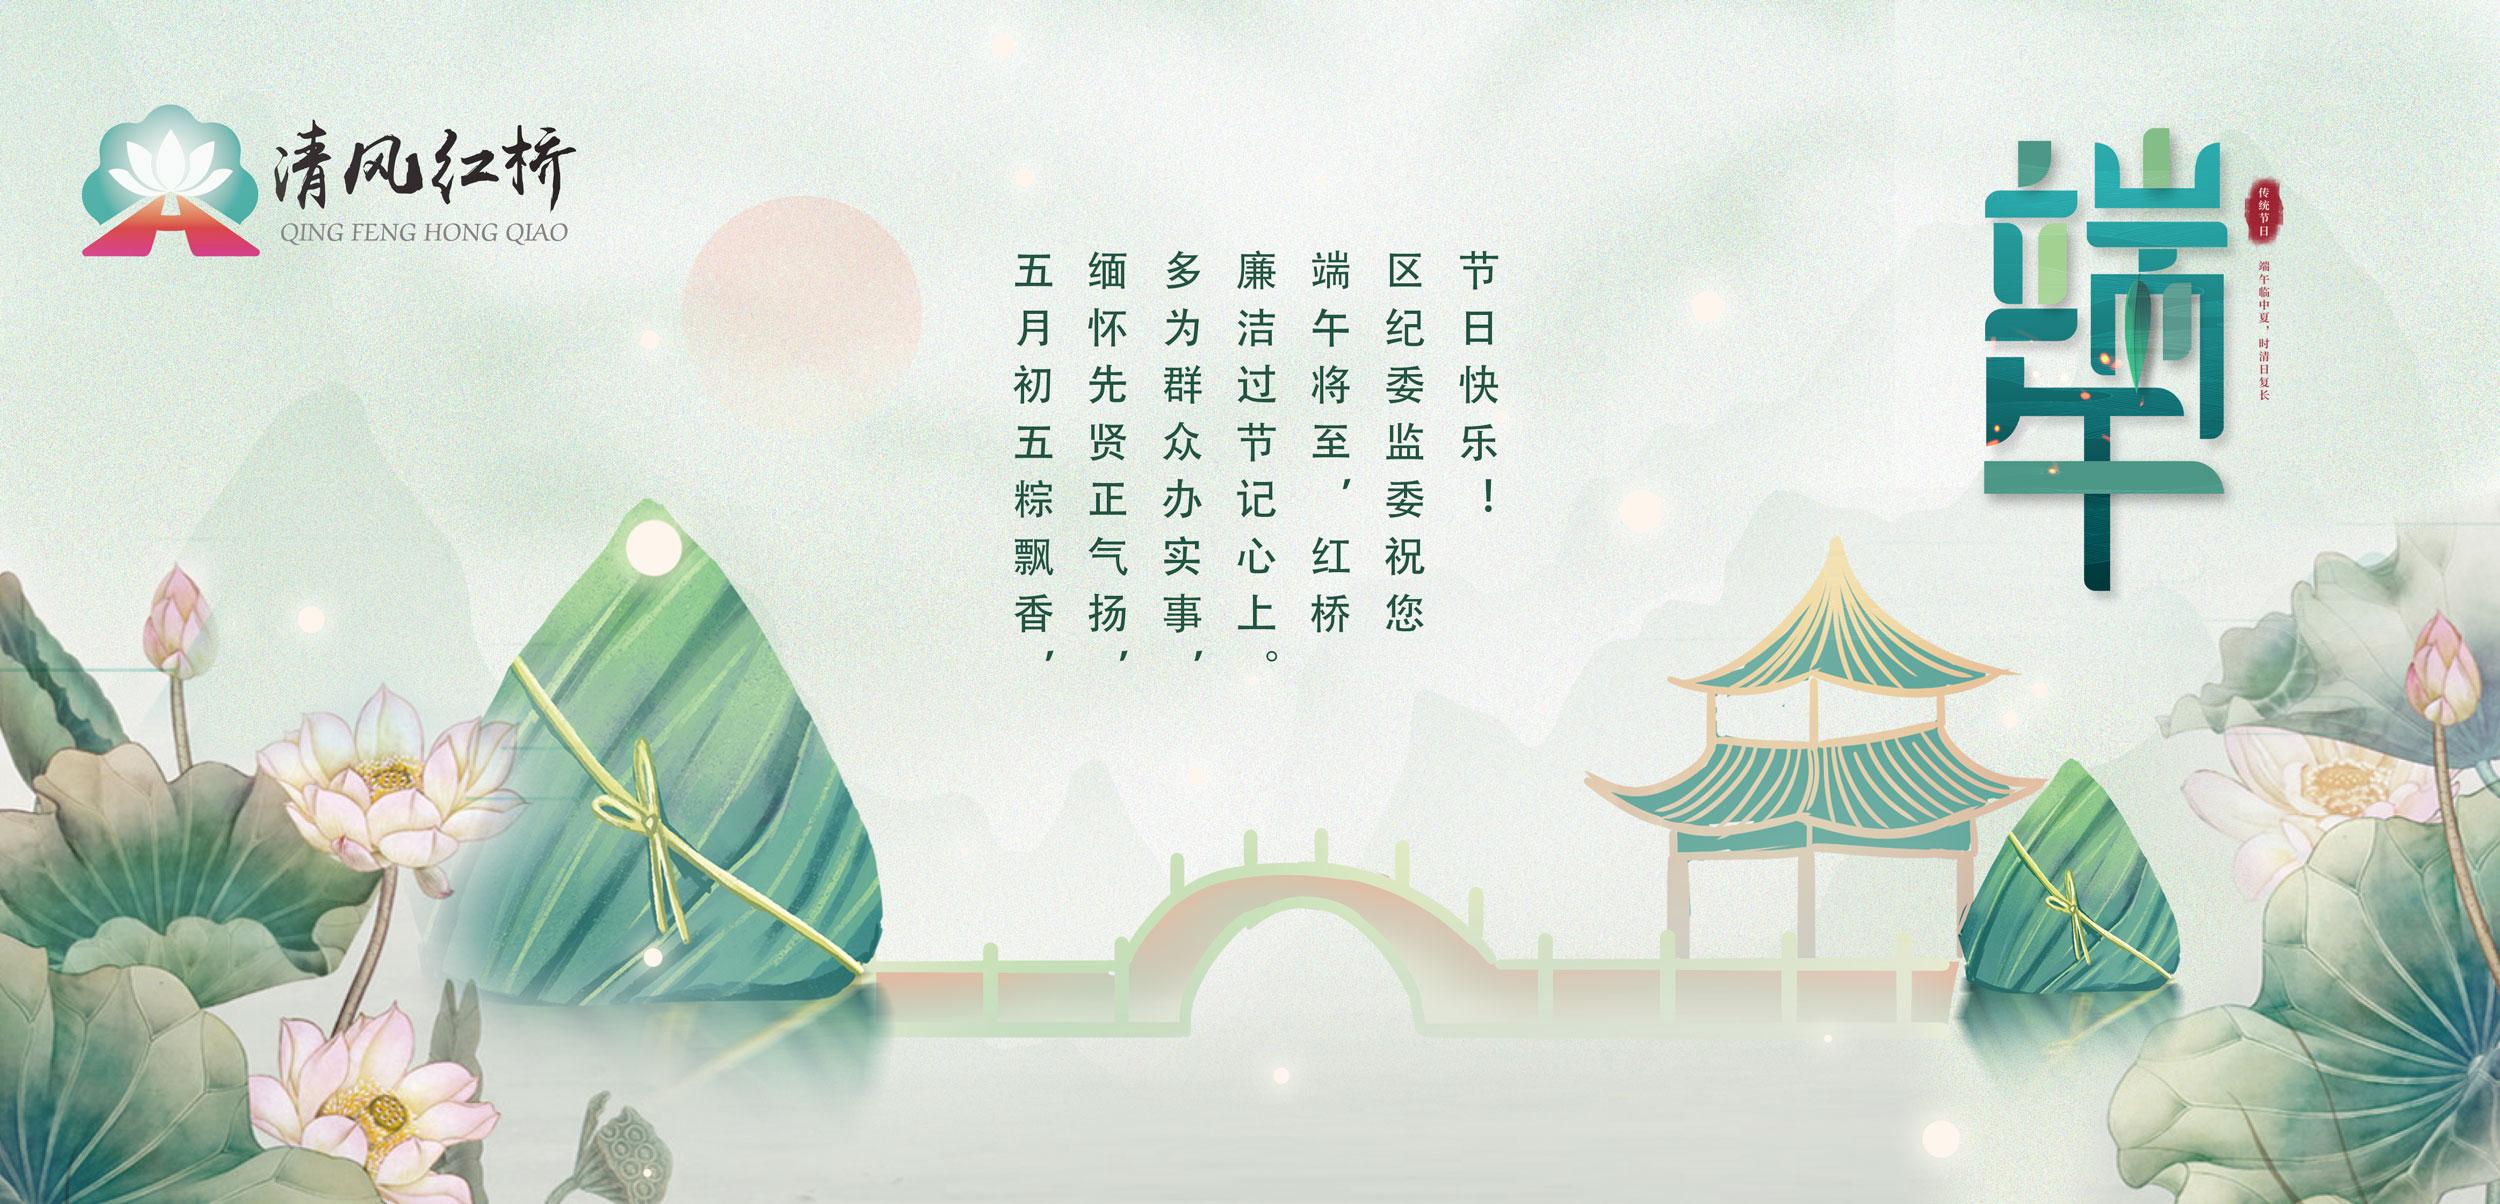 廉洁过节丨红桥区纪委监委祝您端午安康!